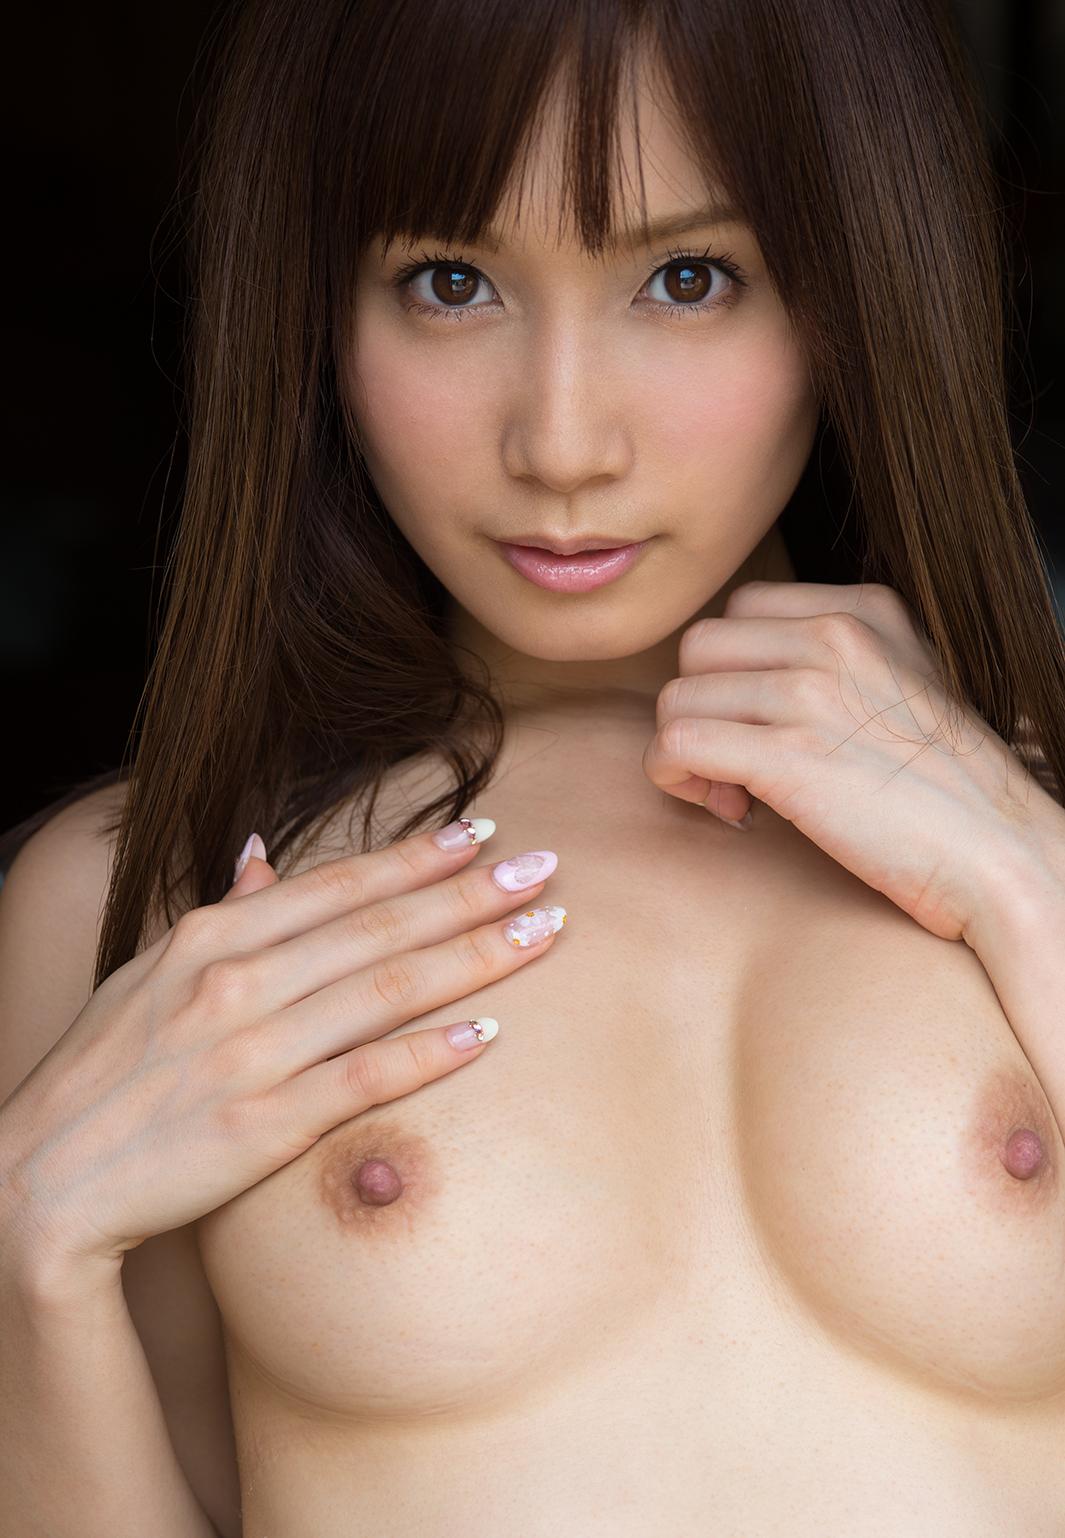 小島みなみ 画像 18